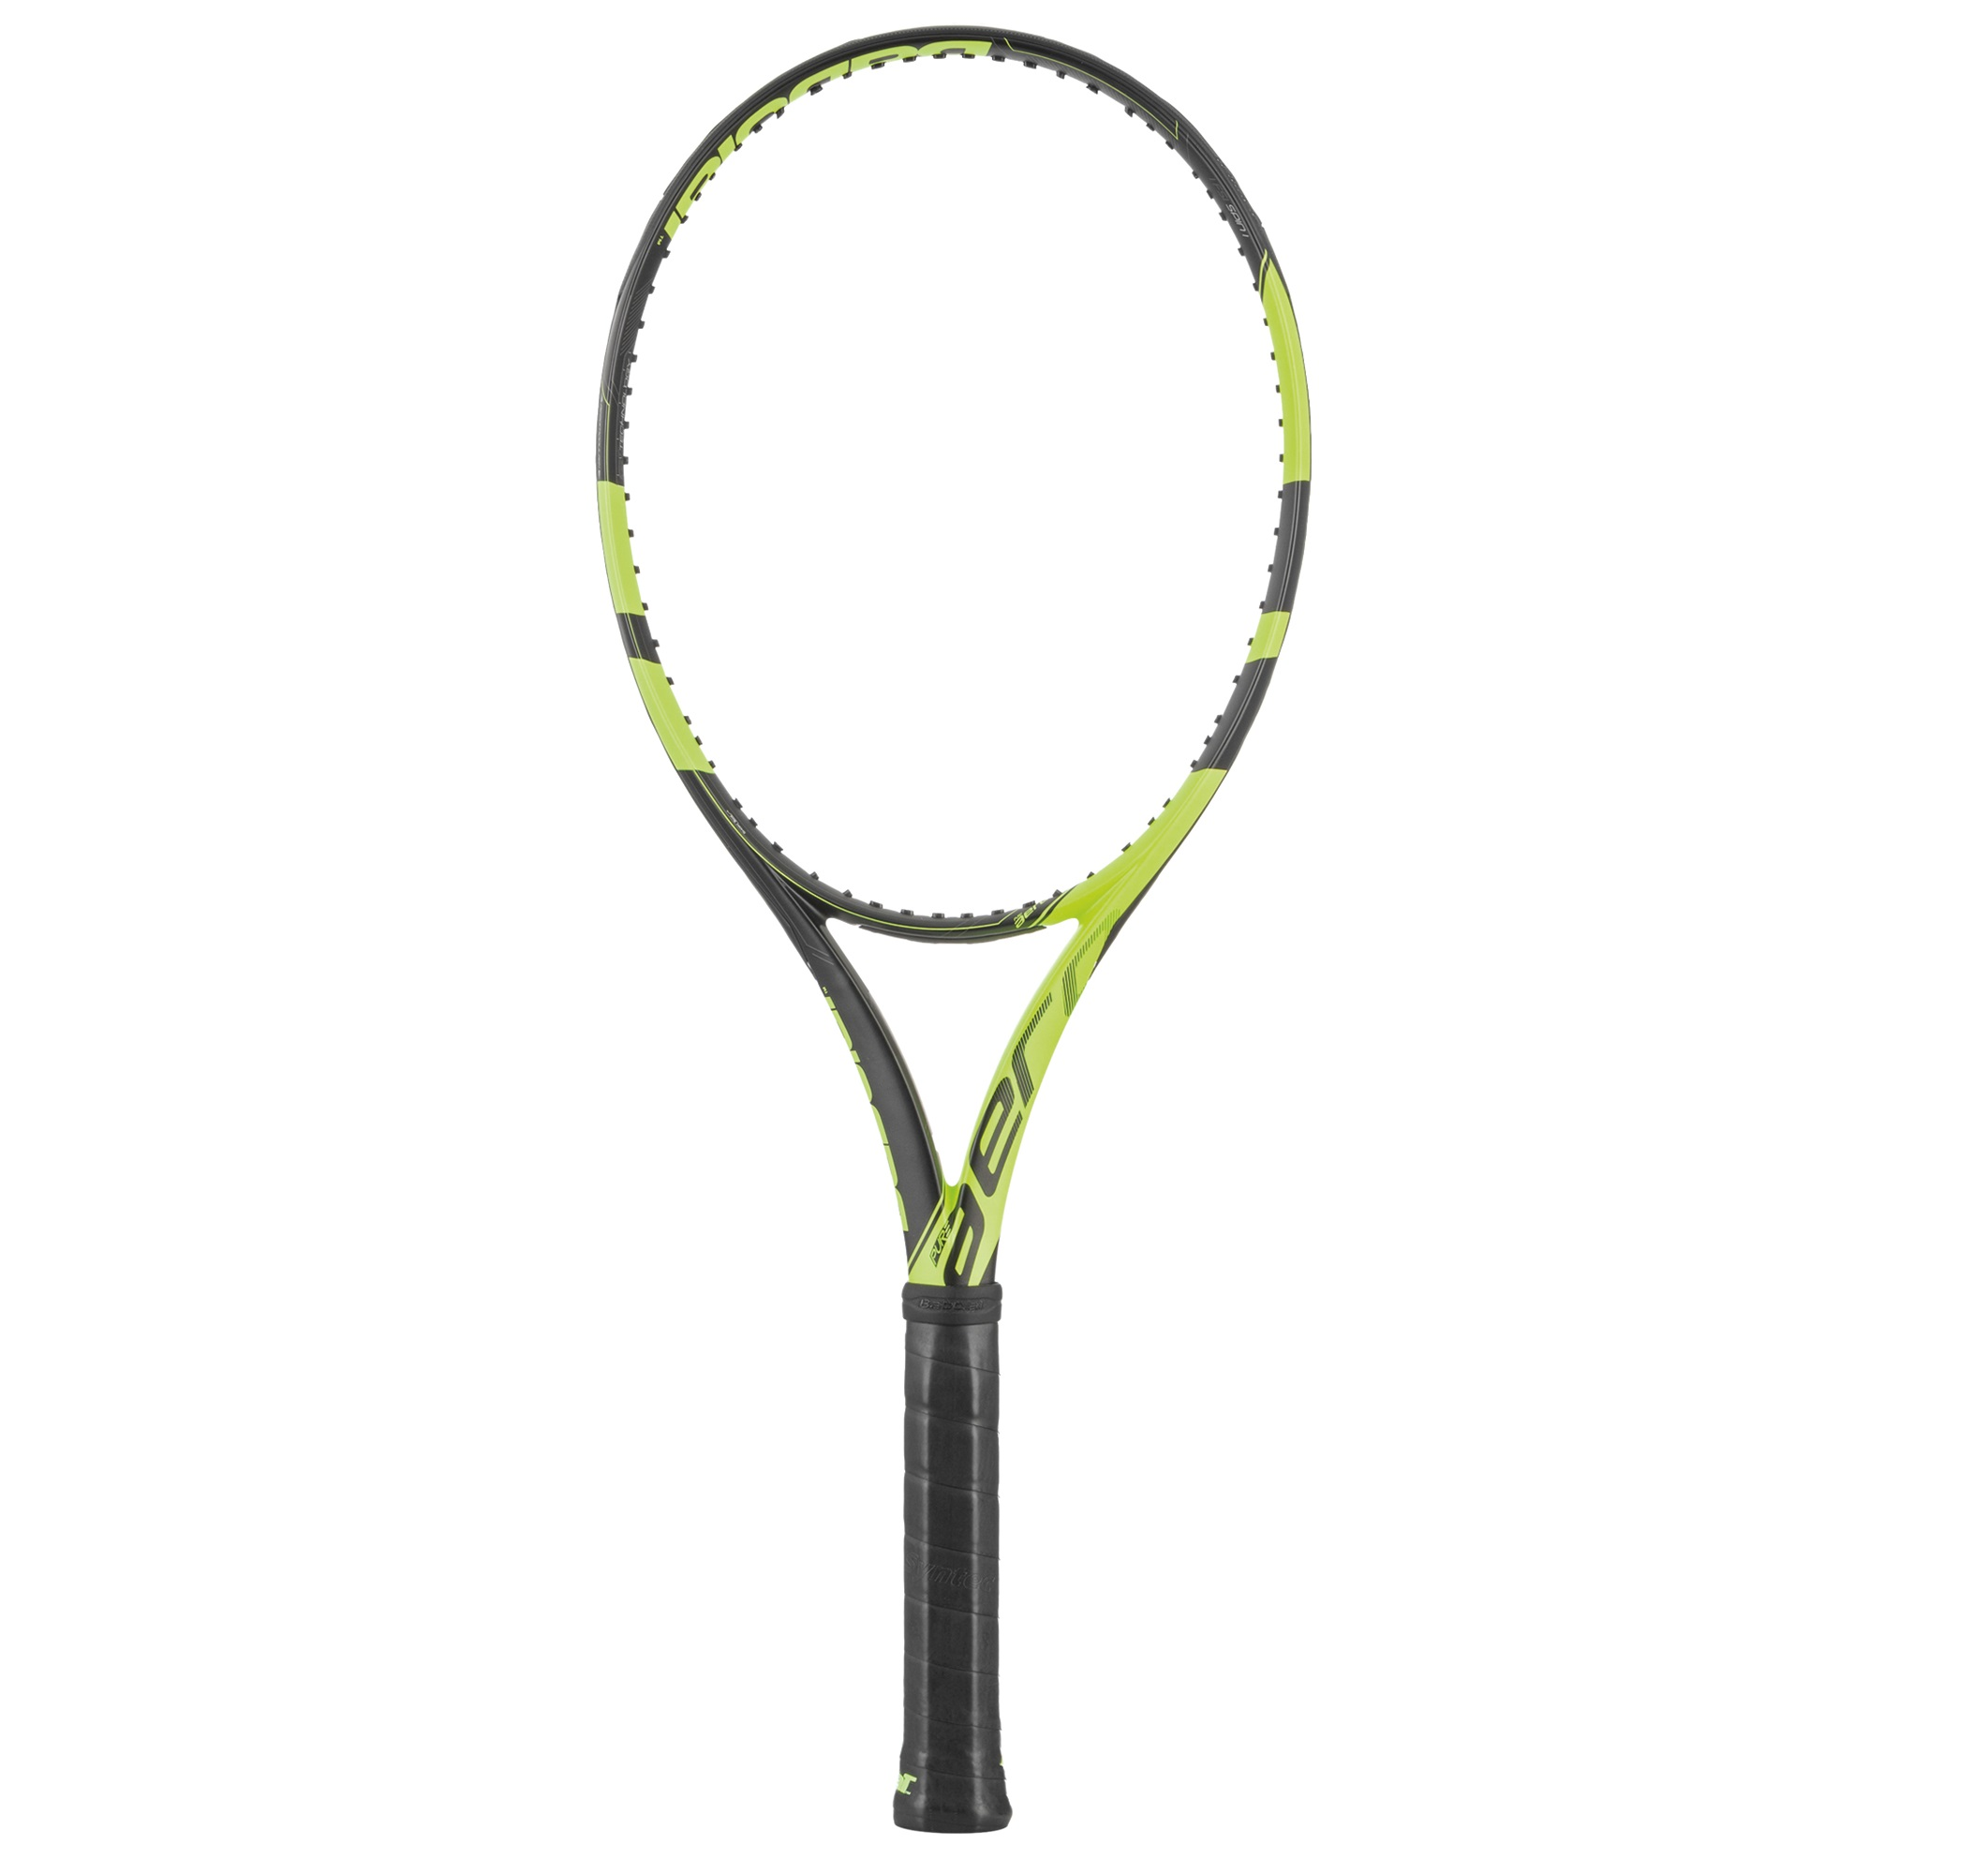 Babolat Ракетка для большого тенниса Babolat Pure Aero Unstrung, размер 4 babolat набор мячей для большого тенниса babolat red foam x3 размер без размера